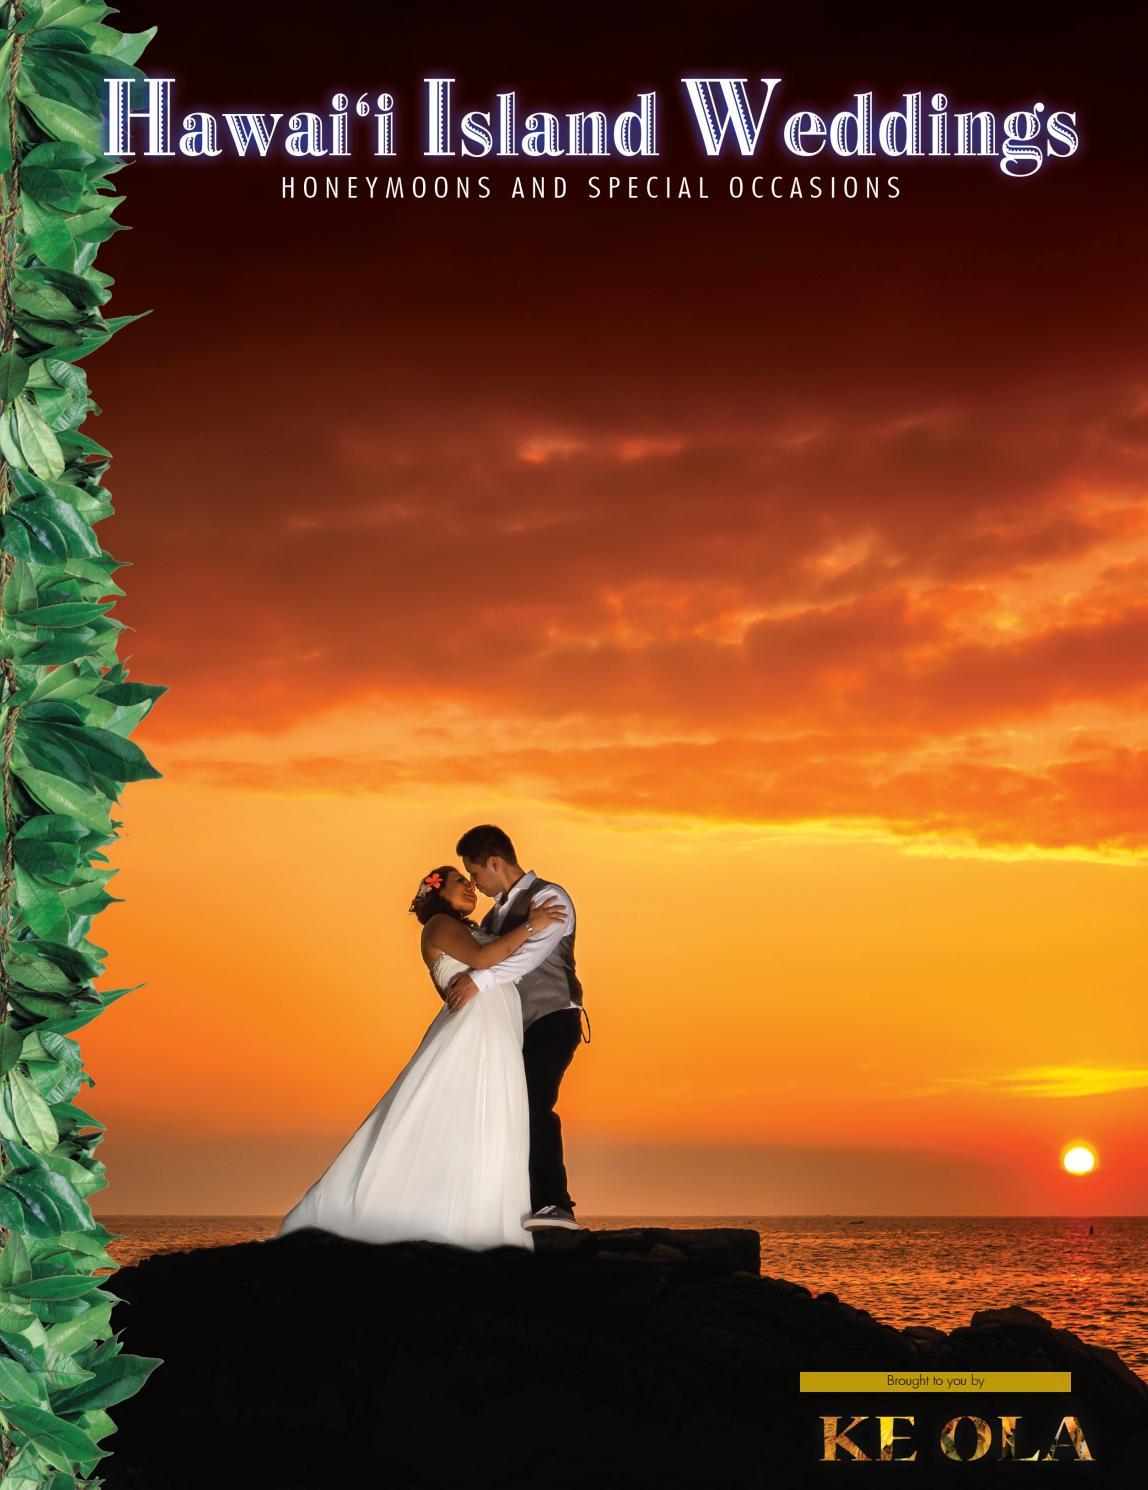 fa7fca77618f Wedding 2018 by Ke Ola Magazine - issuu